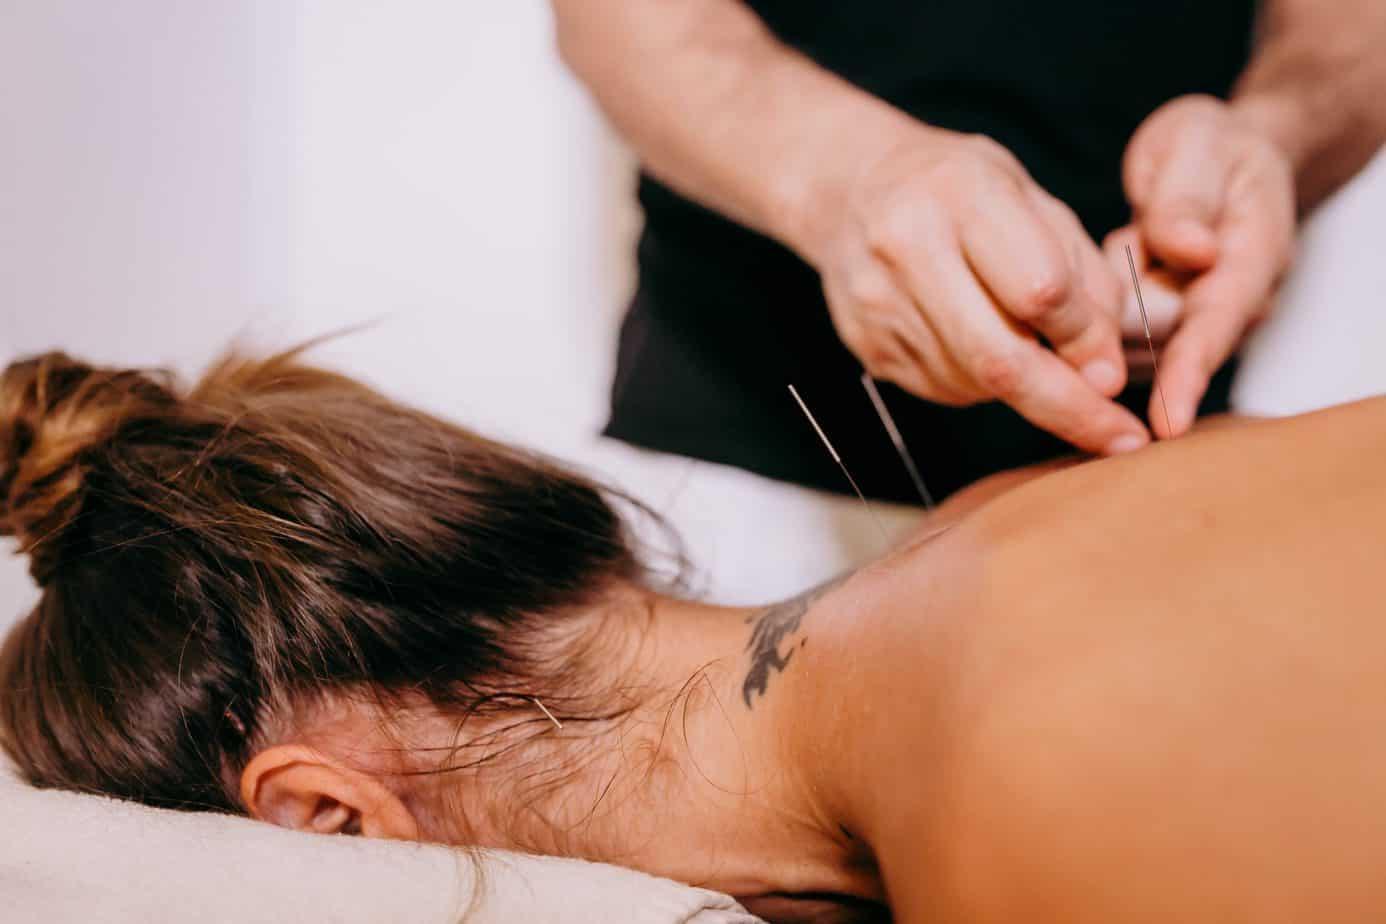 Acupuncture pour l'insomnie : que dit la médecine traditionnelle chinoise